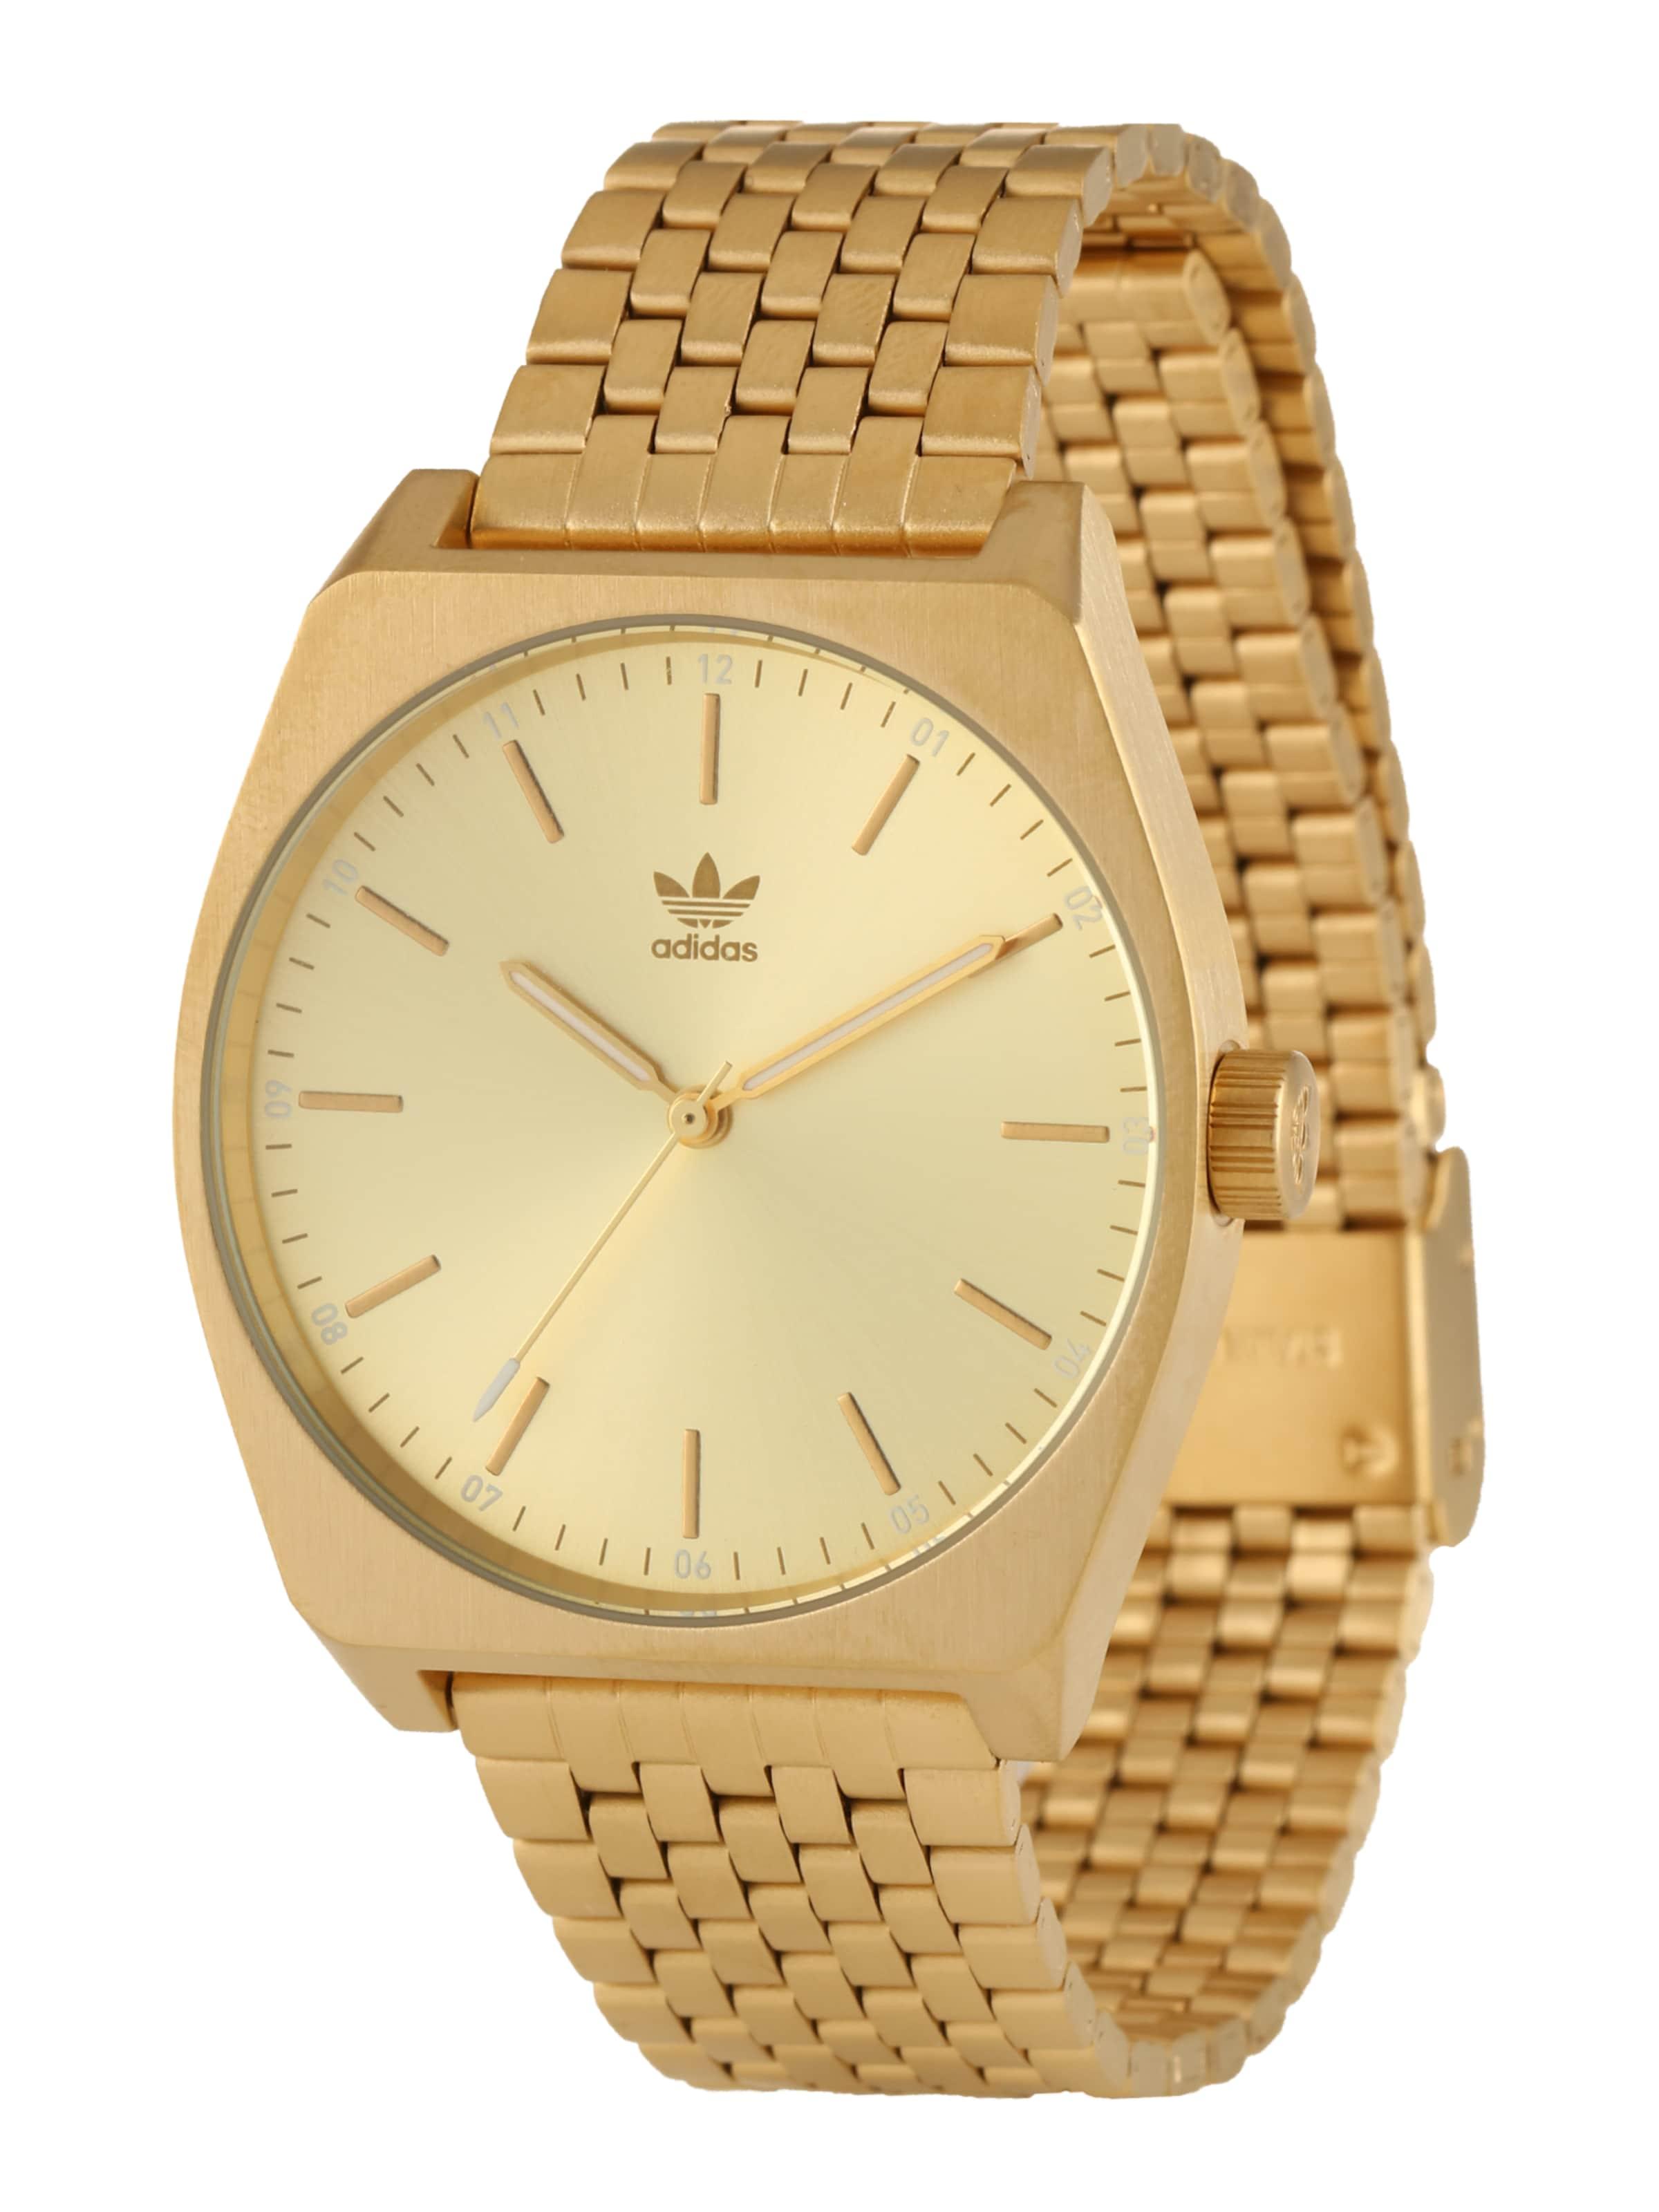 Spielraum Eastbay ADIDAS ORIGINALS Armbanduhr 'Process_M1' Nagelneu Unisex Billig Verkauf Wirklich PVfpaQRzkP